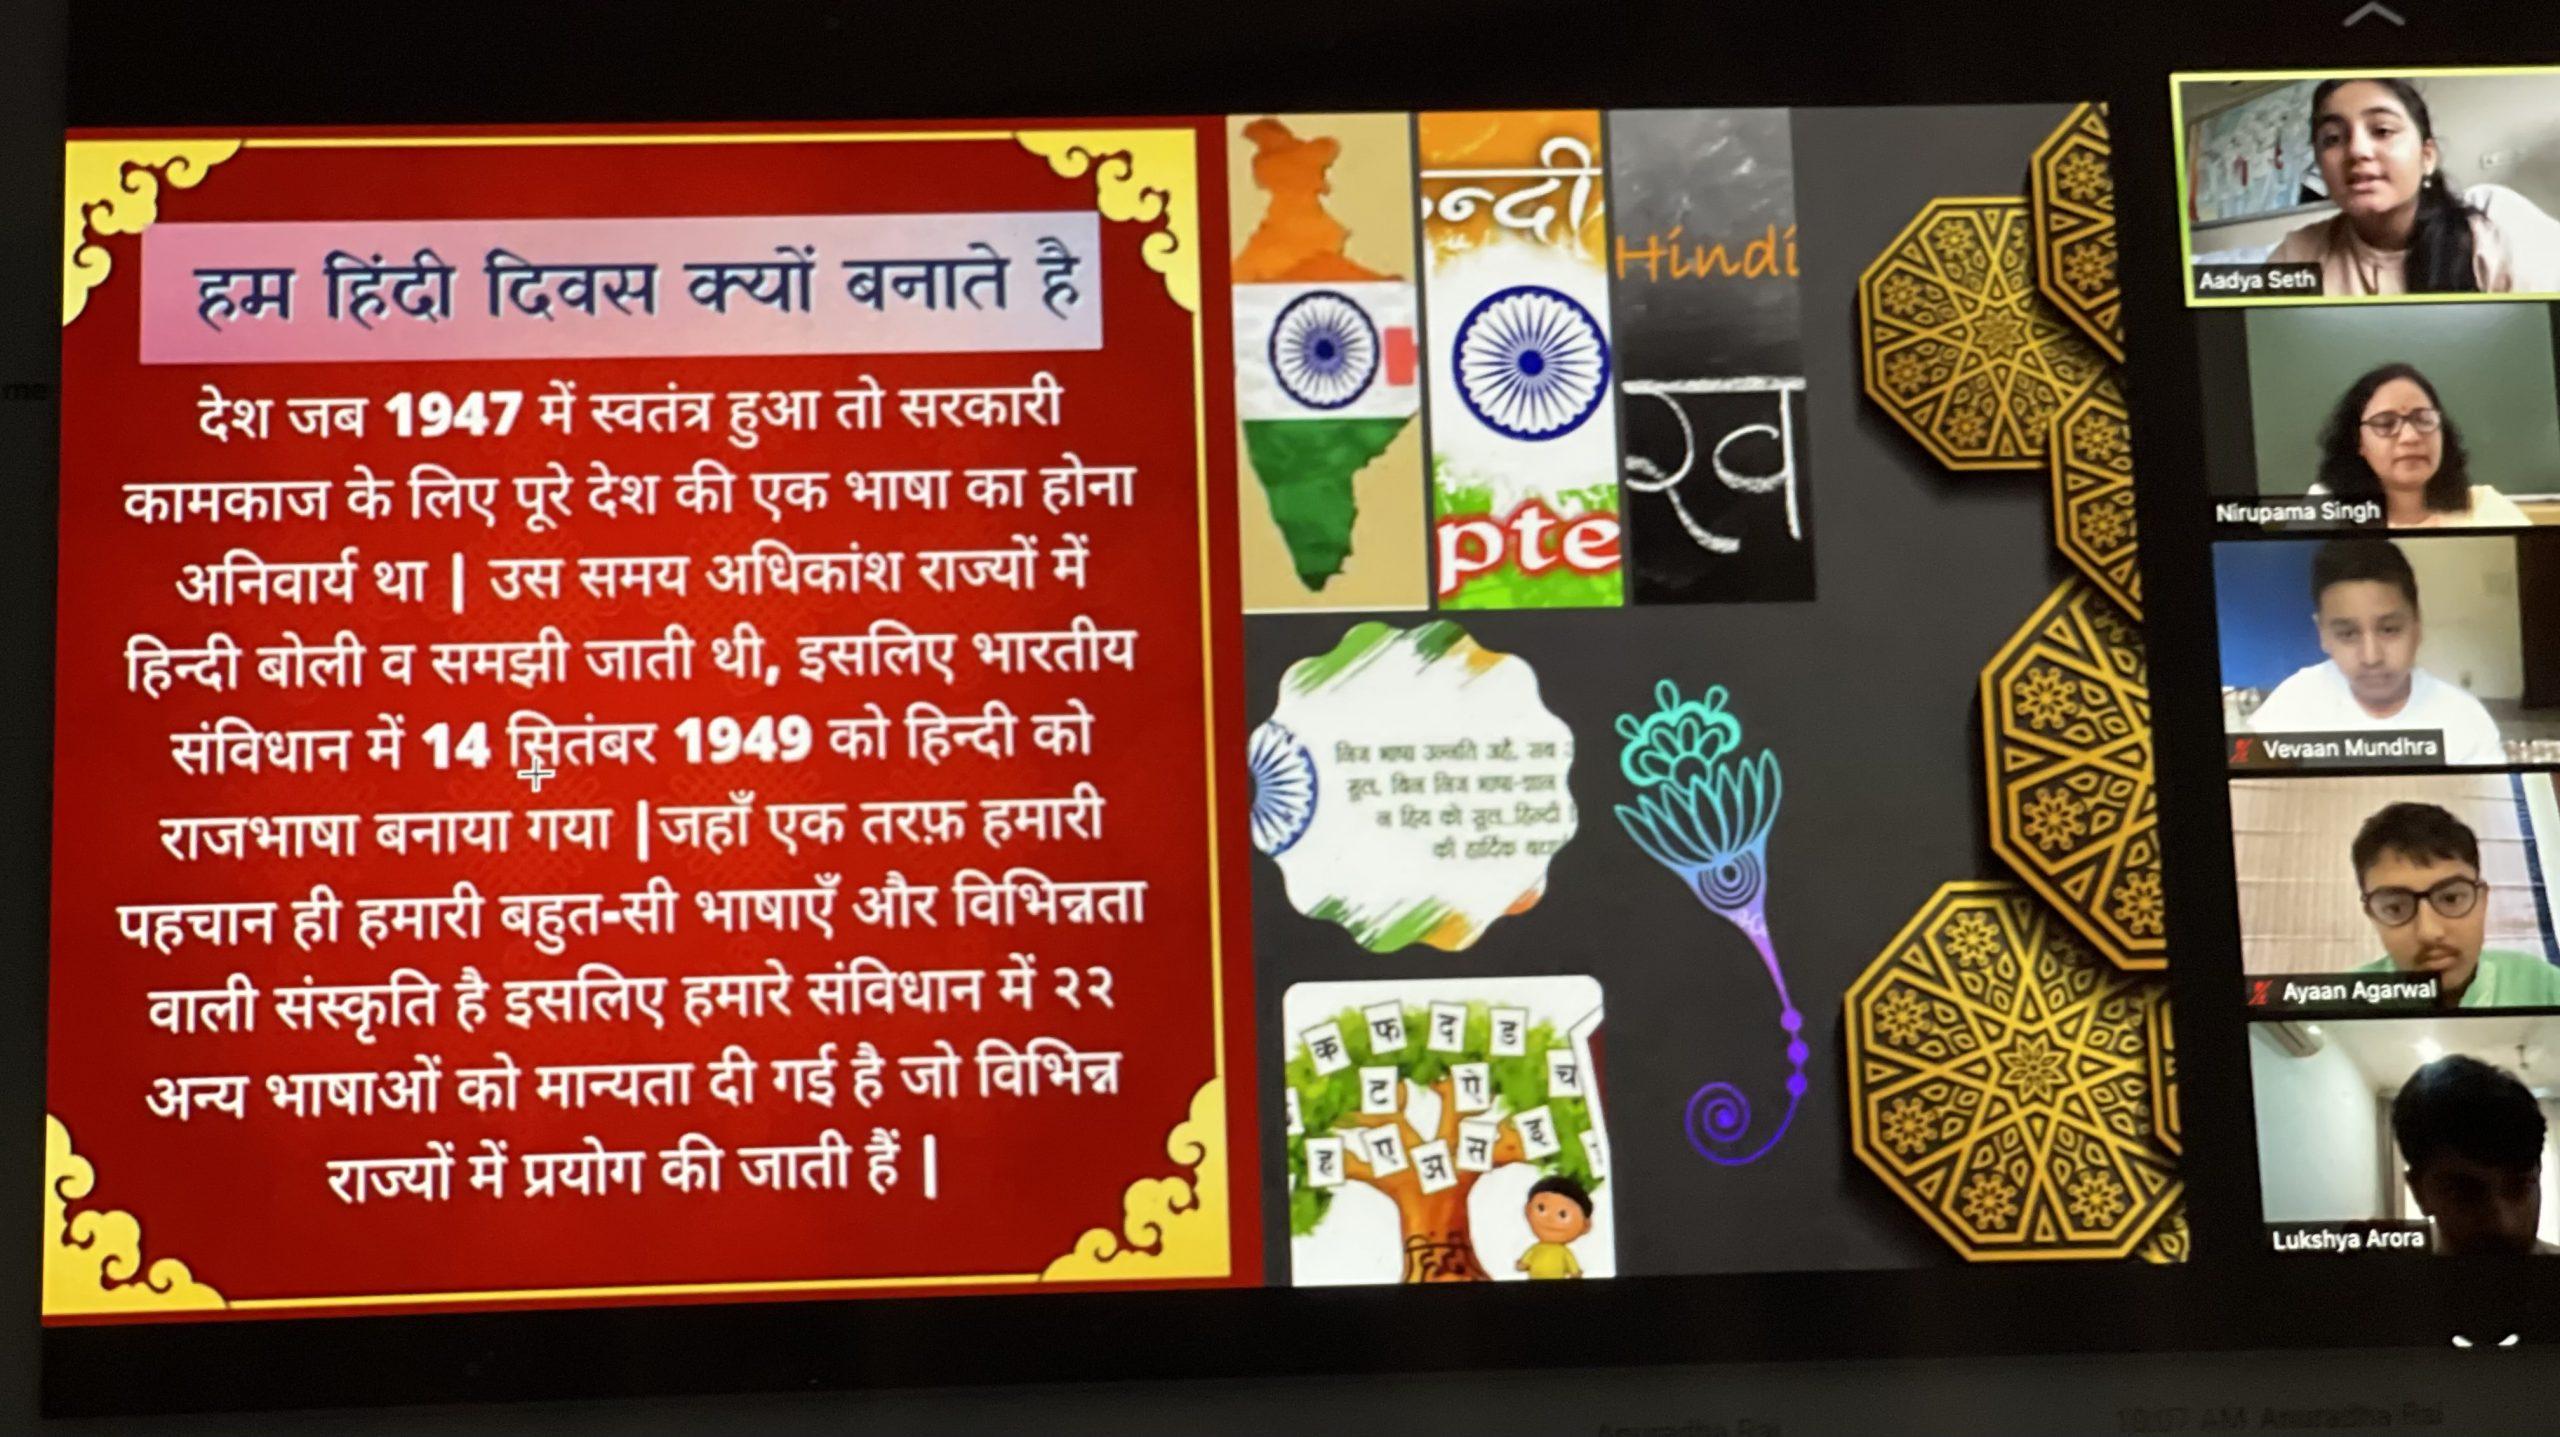 हिन्दी दिवस के उपलक्ष्य में विद्यालय में की गईं विभिन्न गतिविधियाँ ।